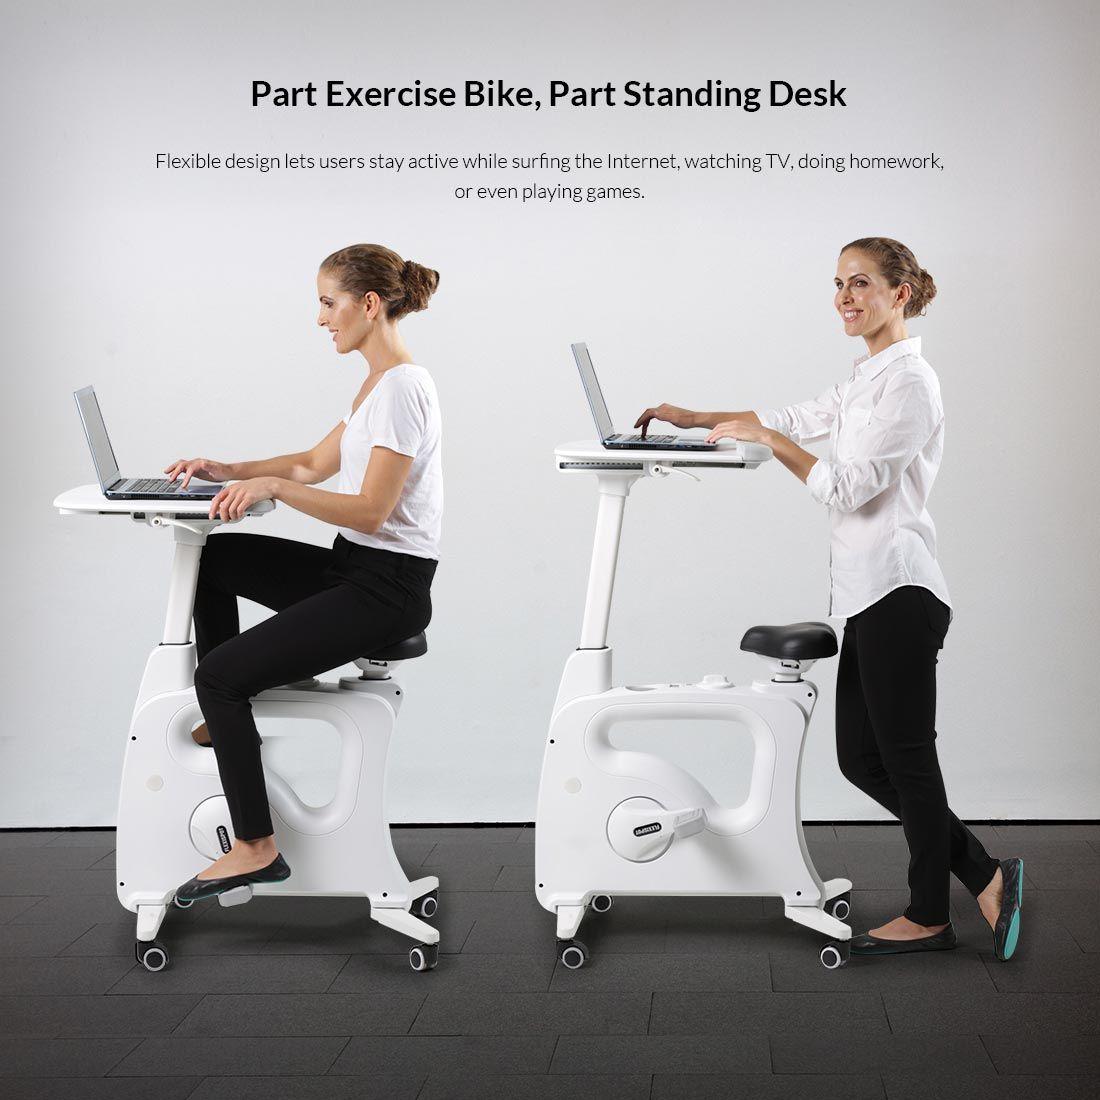 V9 Desk Bikes Part Standing Desk Part Exercise Bike With